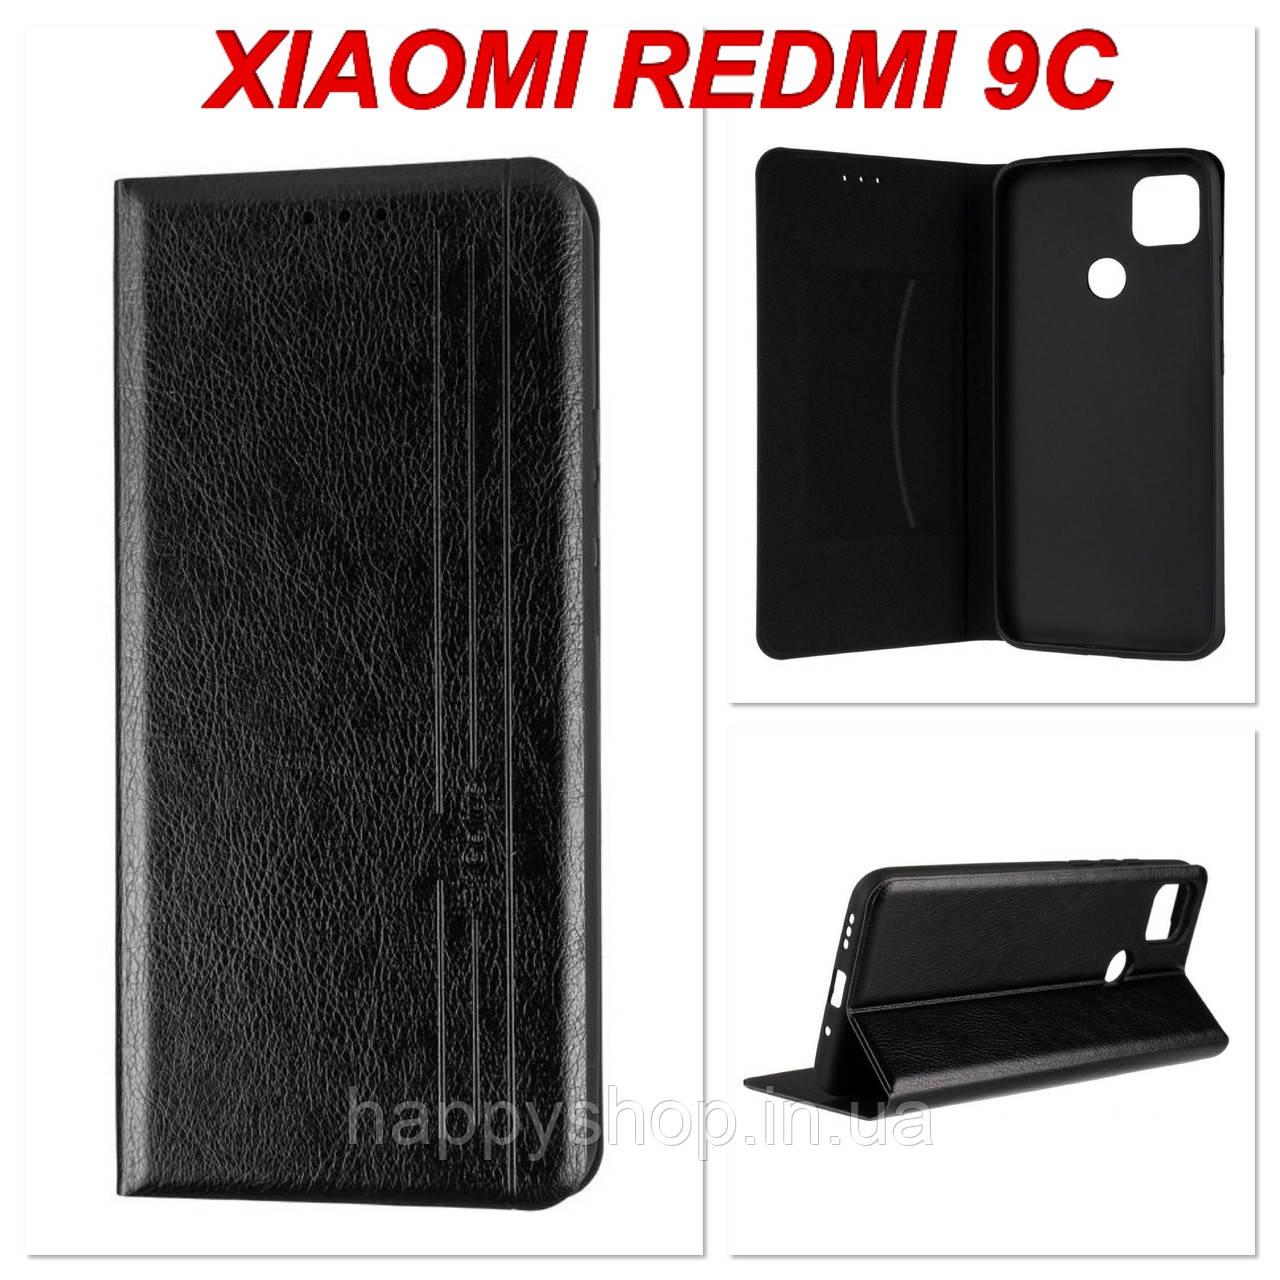 Чехол-книжка Gelius Leather New для Xiaomi Redmi 9C (Черный)